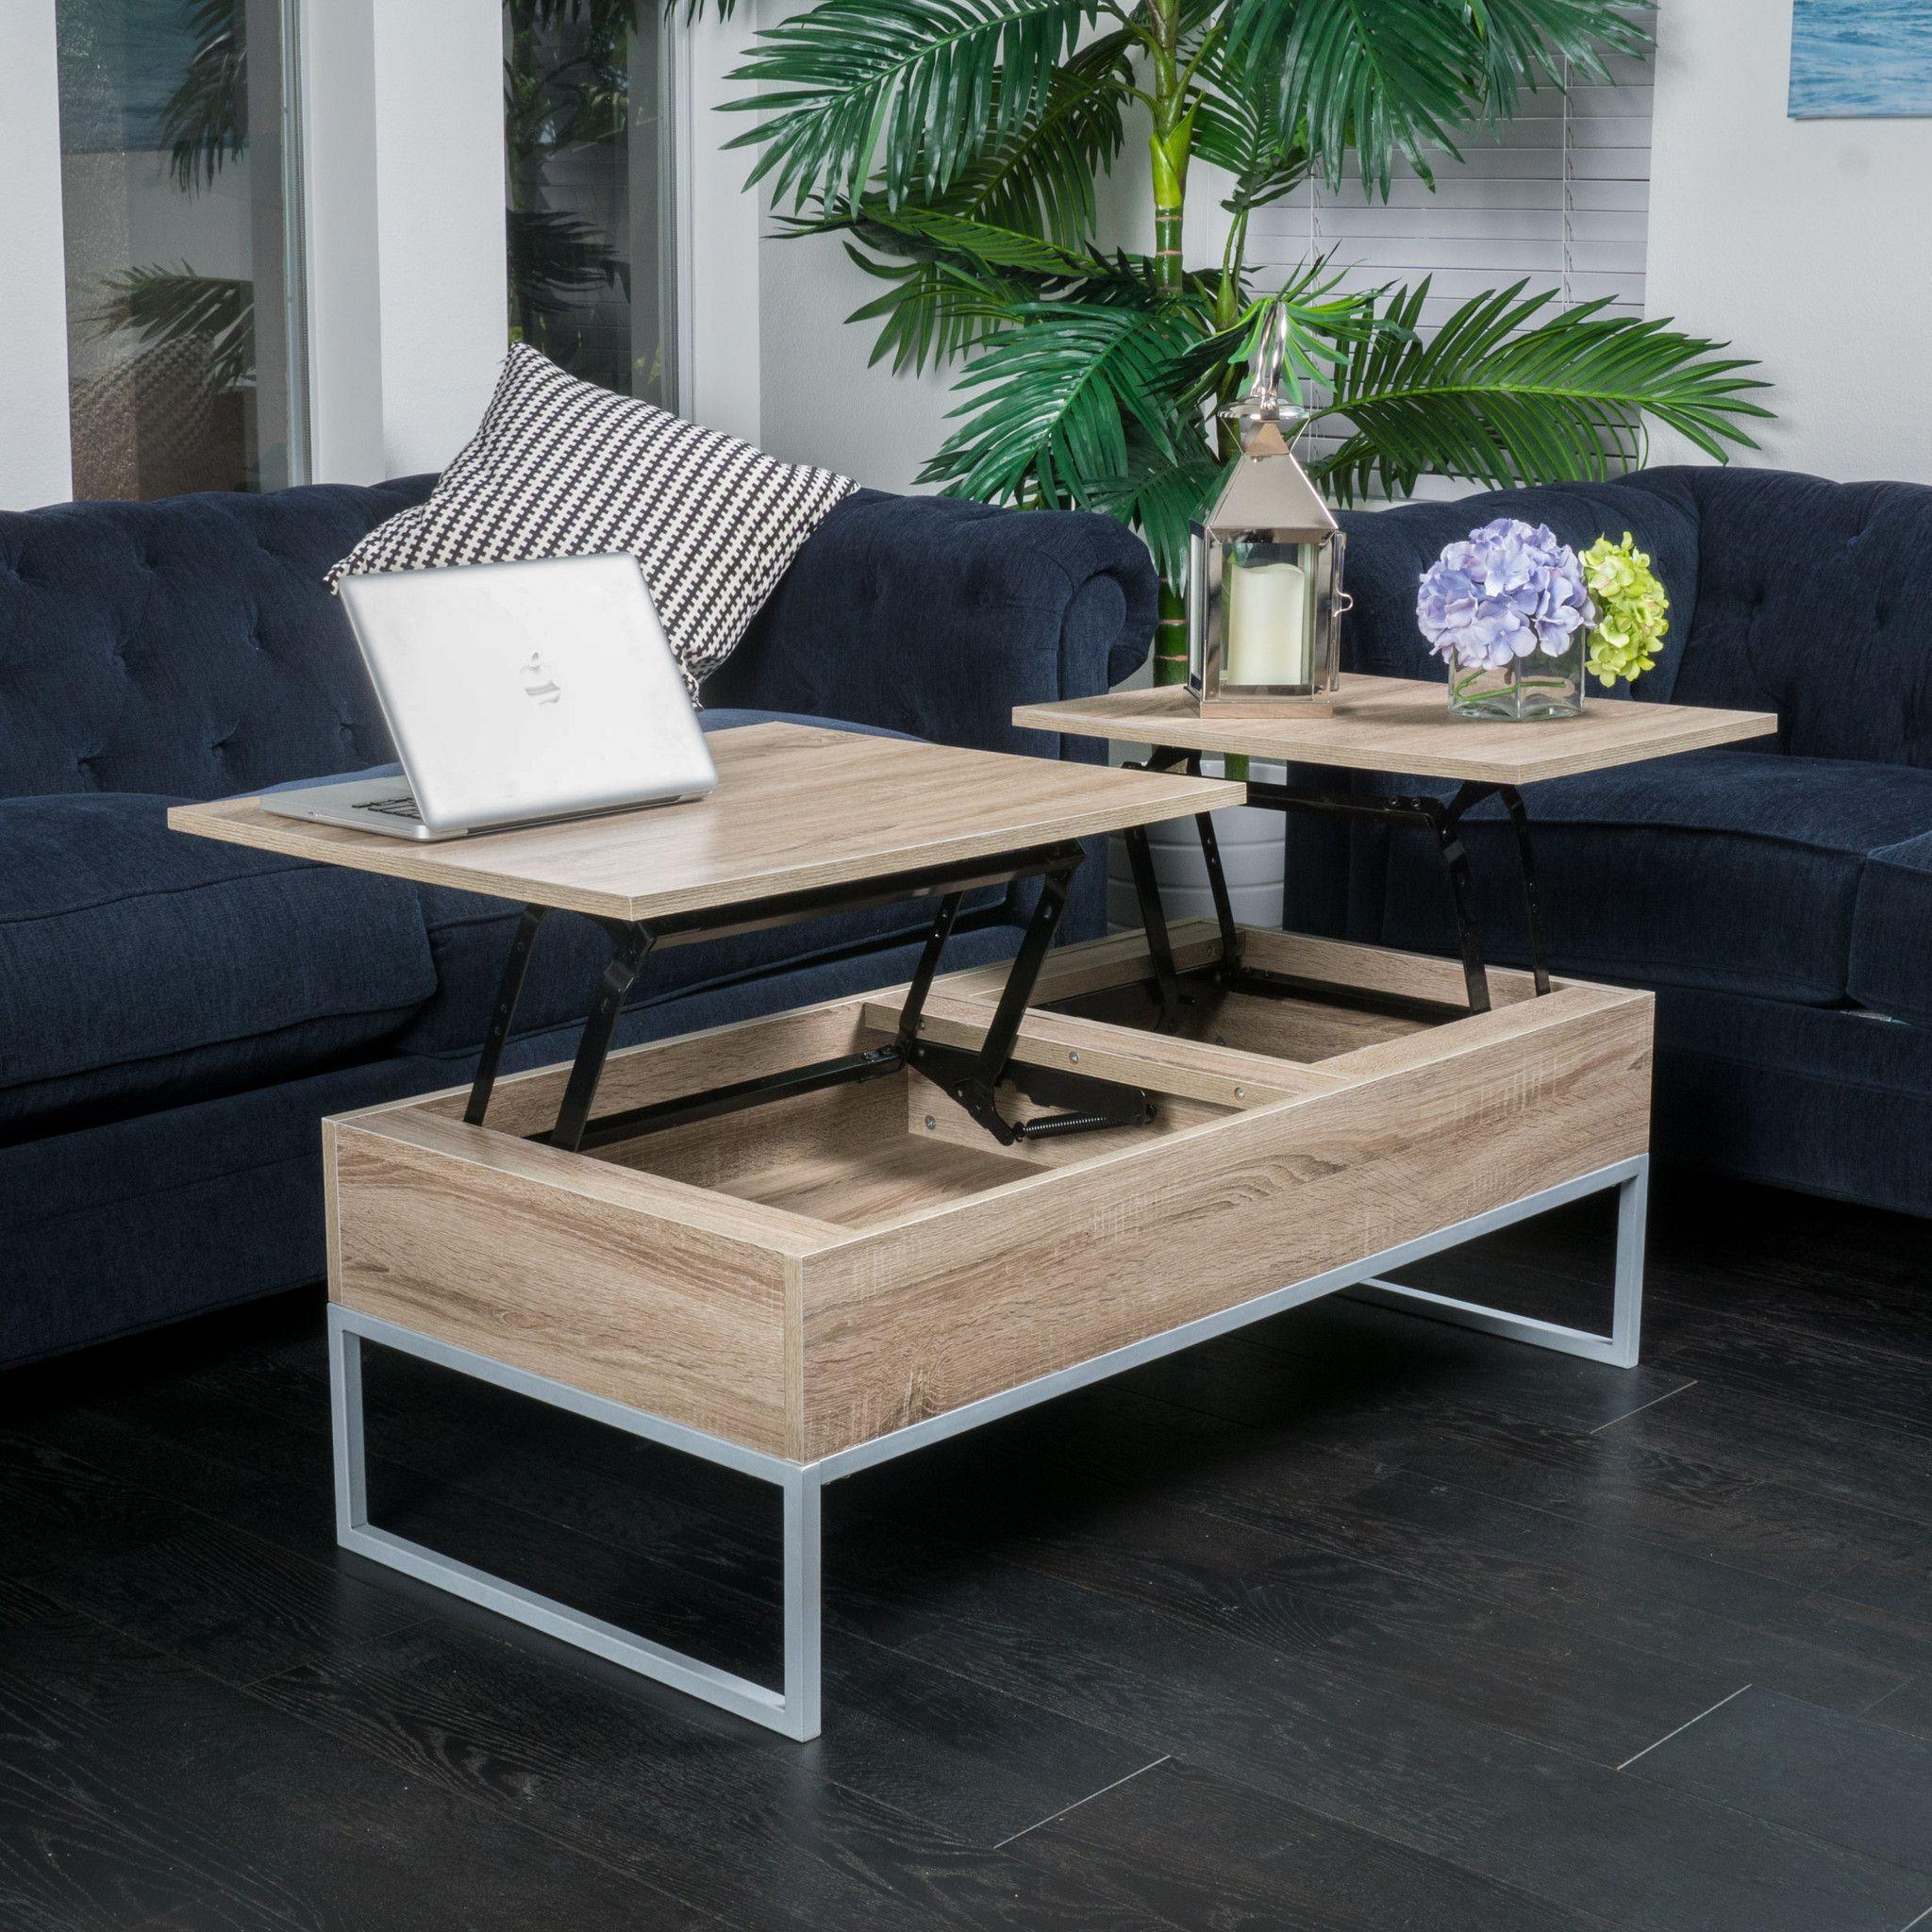 Ditmar Natural Brown Wood Lift Top Storage Coffee Table Coffee Table With Storage Coffee Table Living Room Coffee Table [ jpg ]